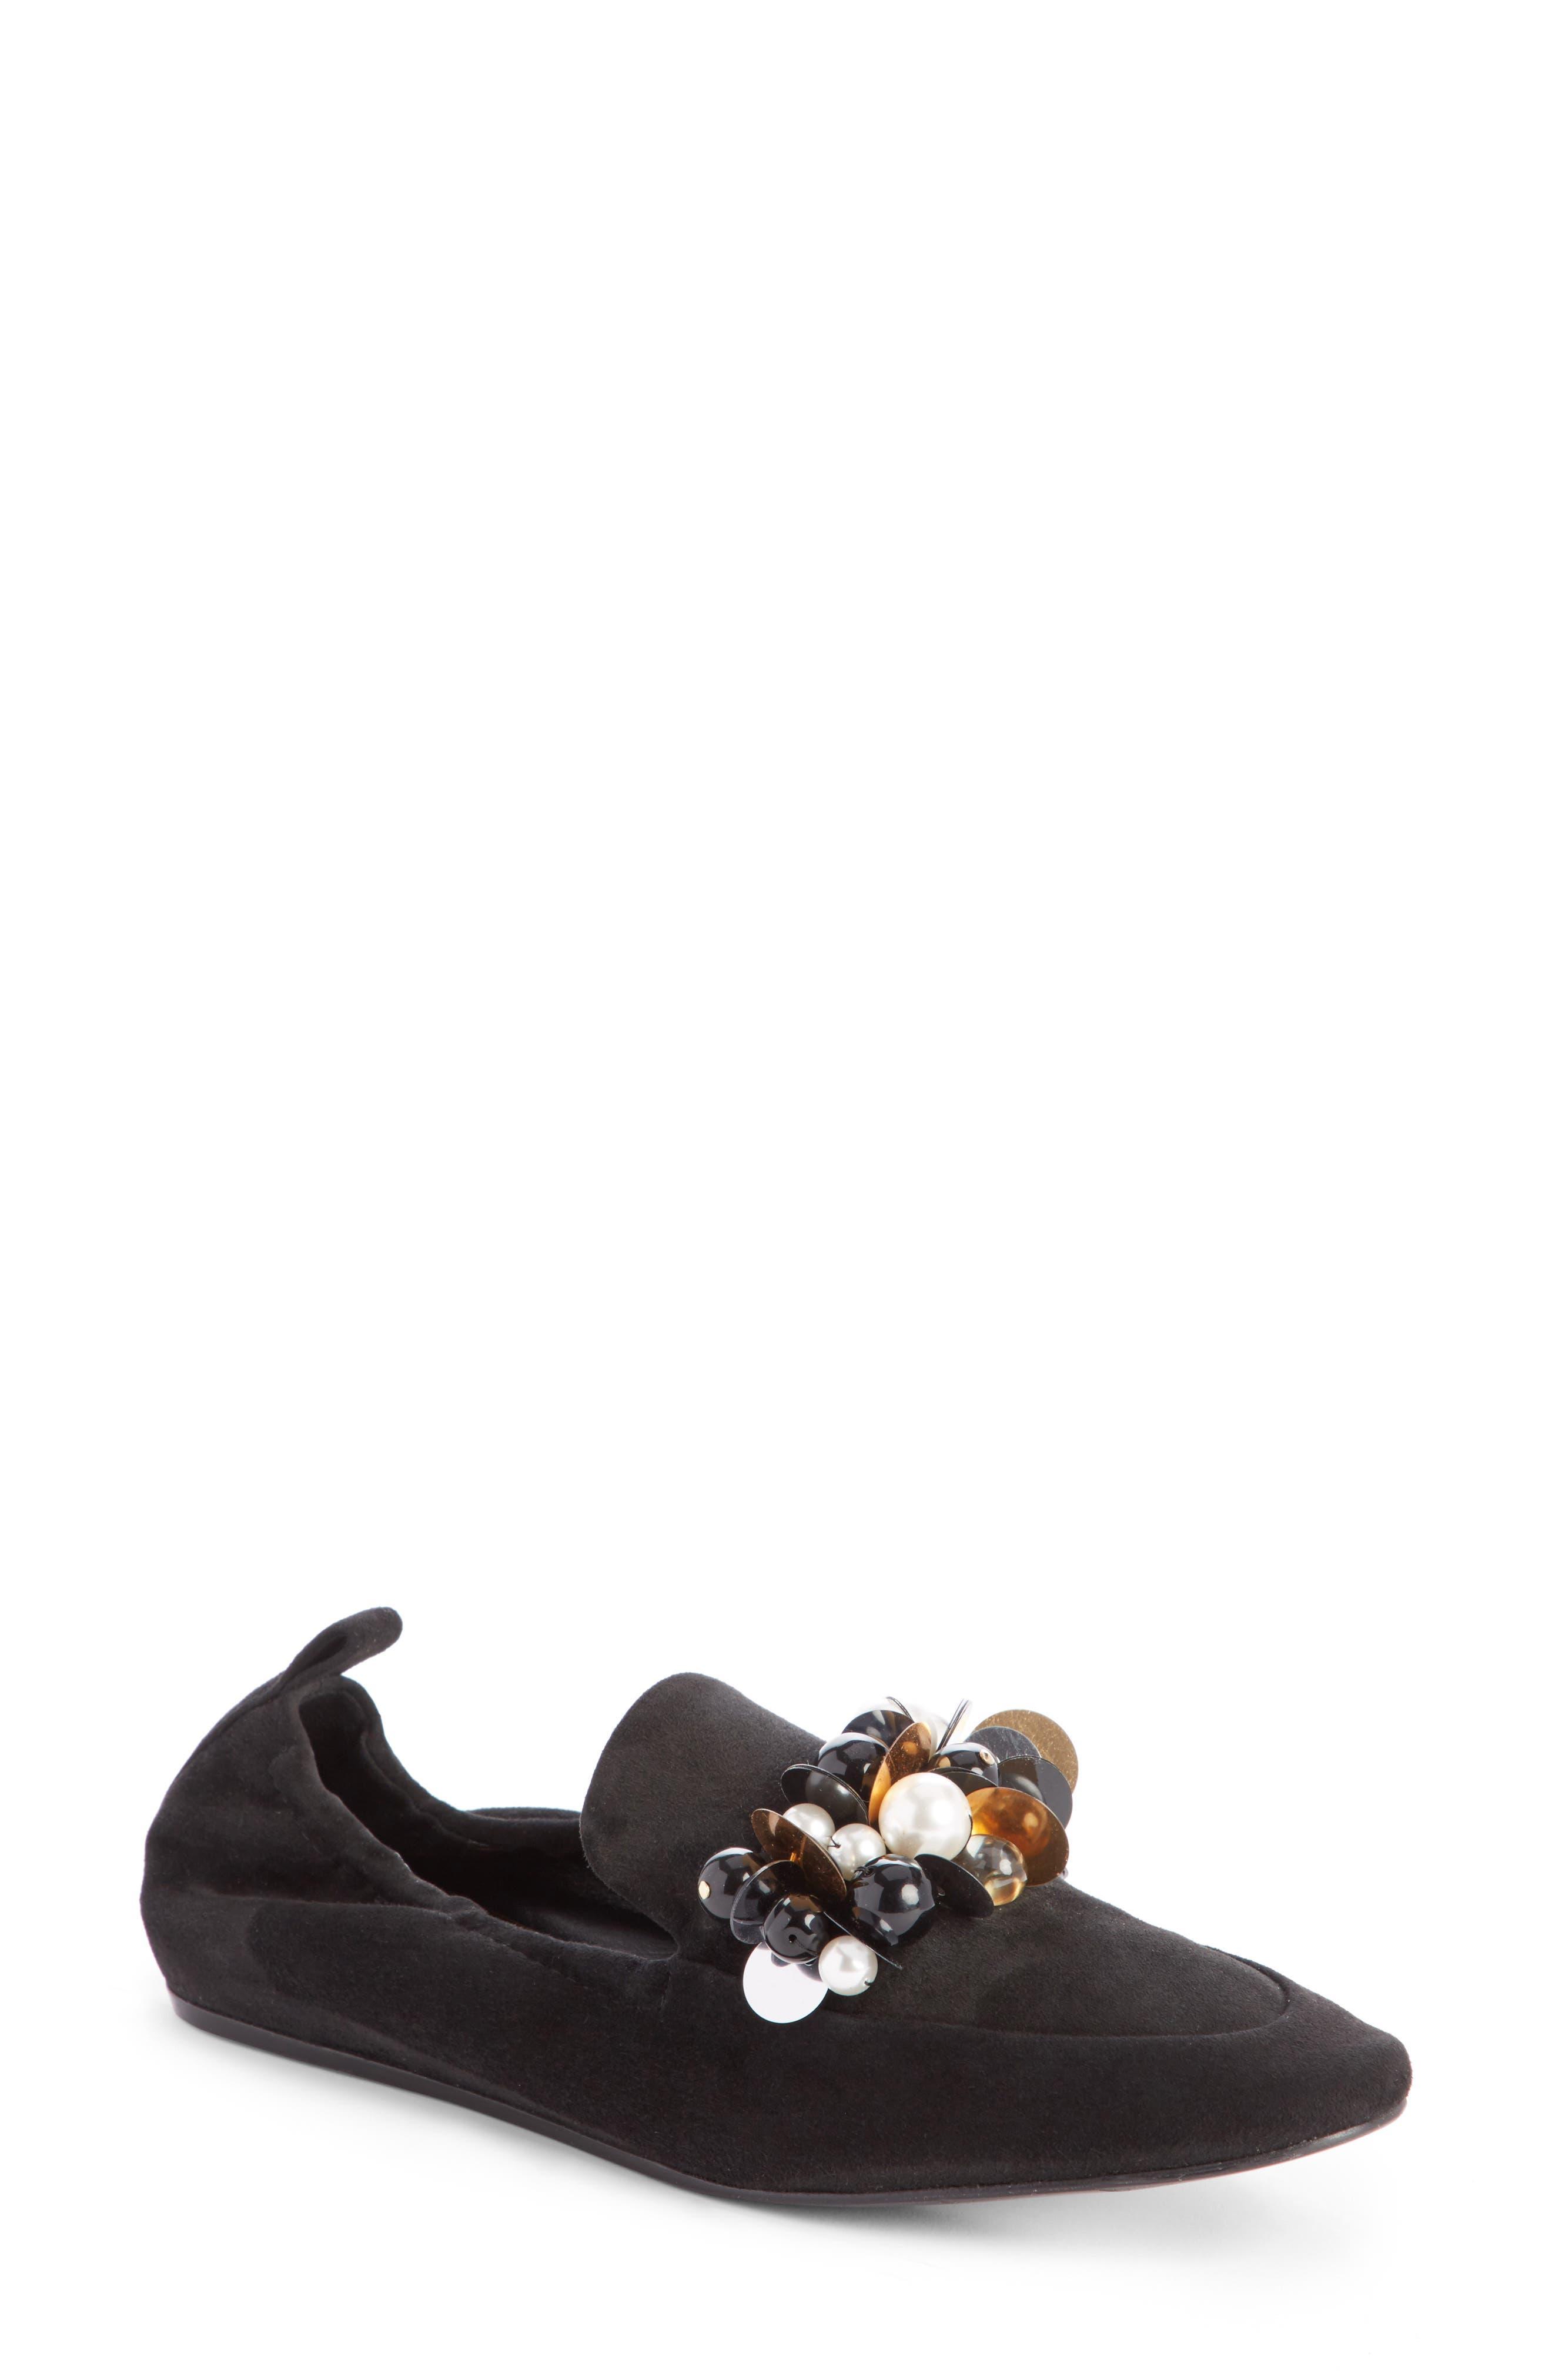 Alternate Image 1 Selected - Lanvin Pearl Slipper Loafer (Women)